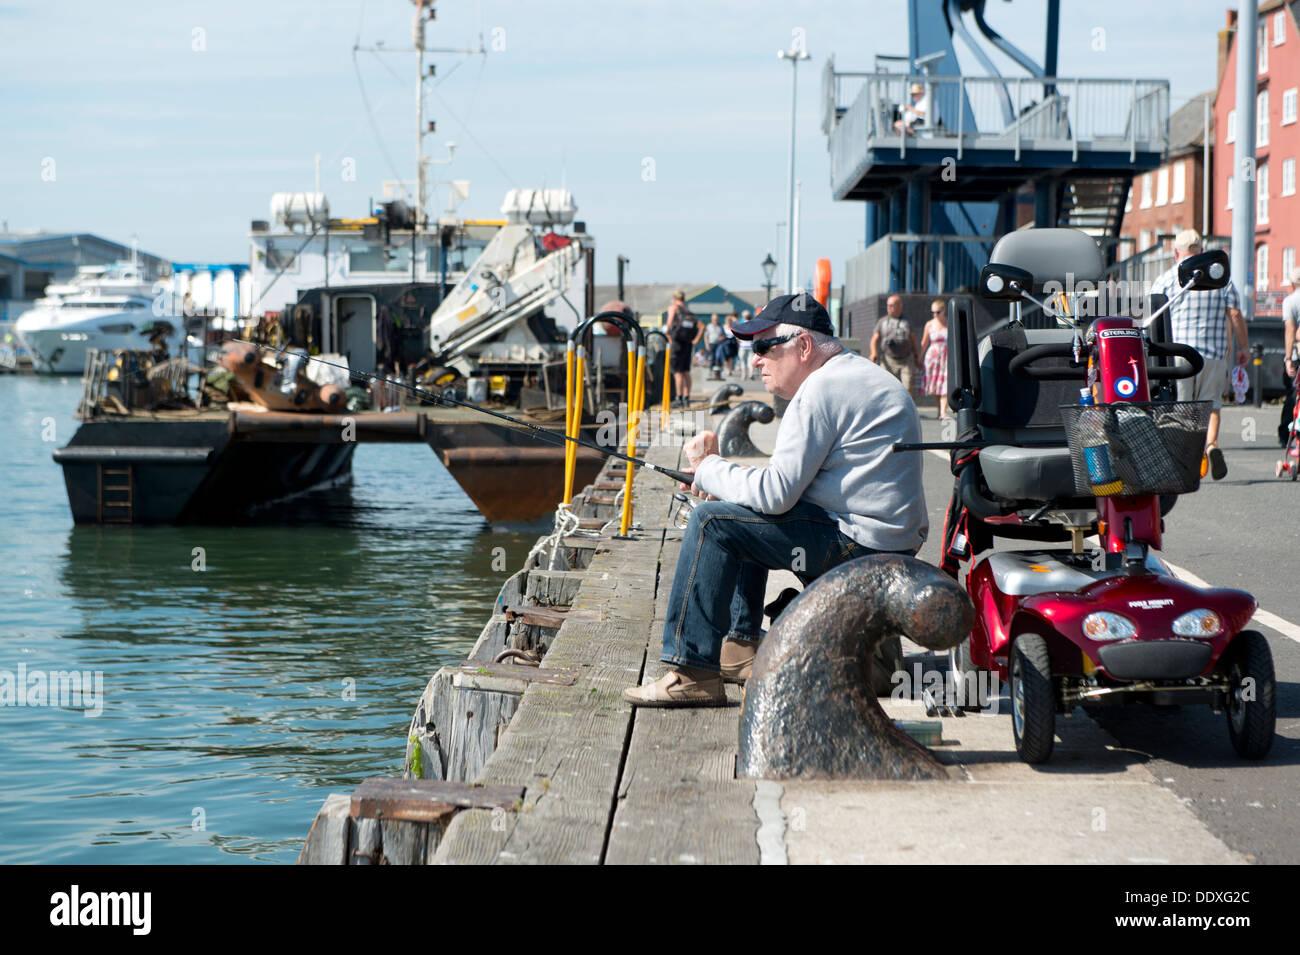 Ein Rentner sitzt Angeln am Kai in Poole in der Grafschaft Dorset in Südengland. Stockbild